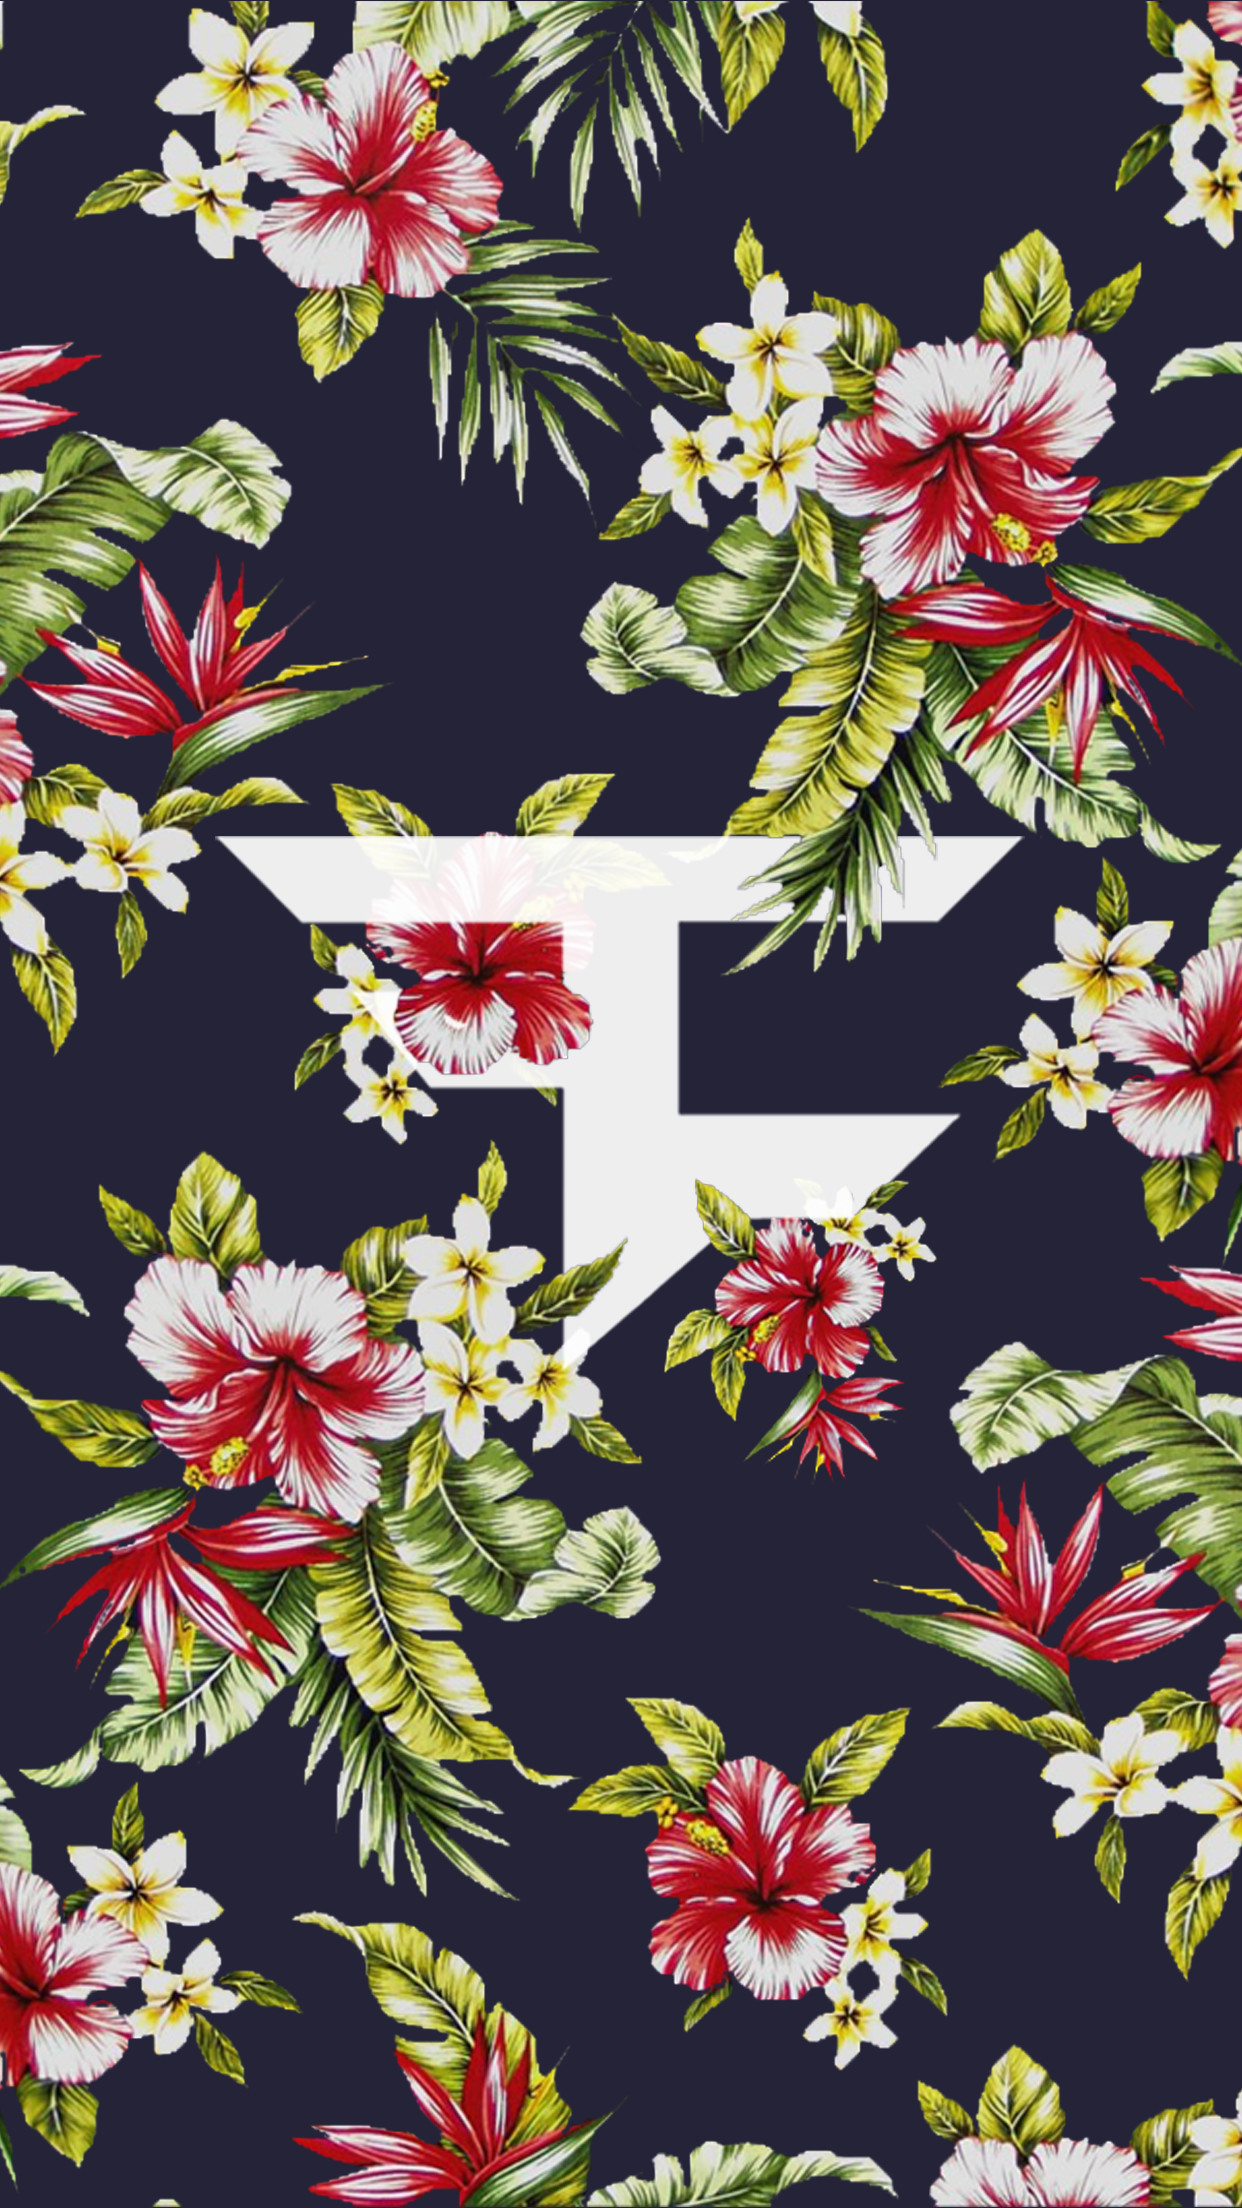 iPhone 6s Wallpaper. FaZe